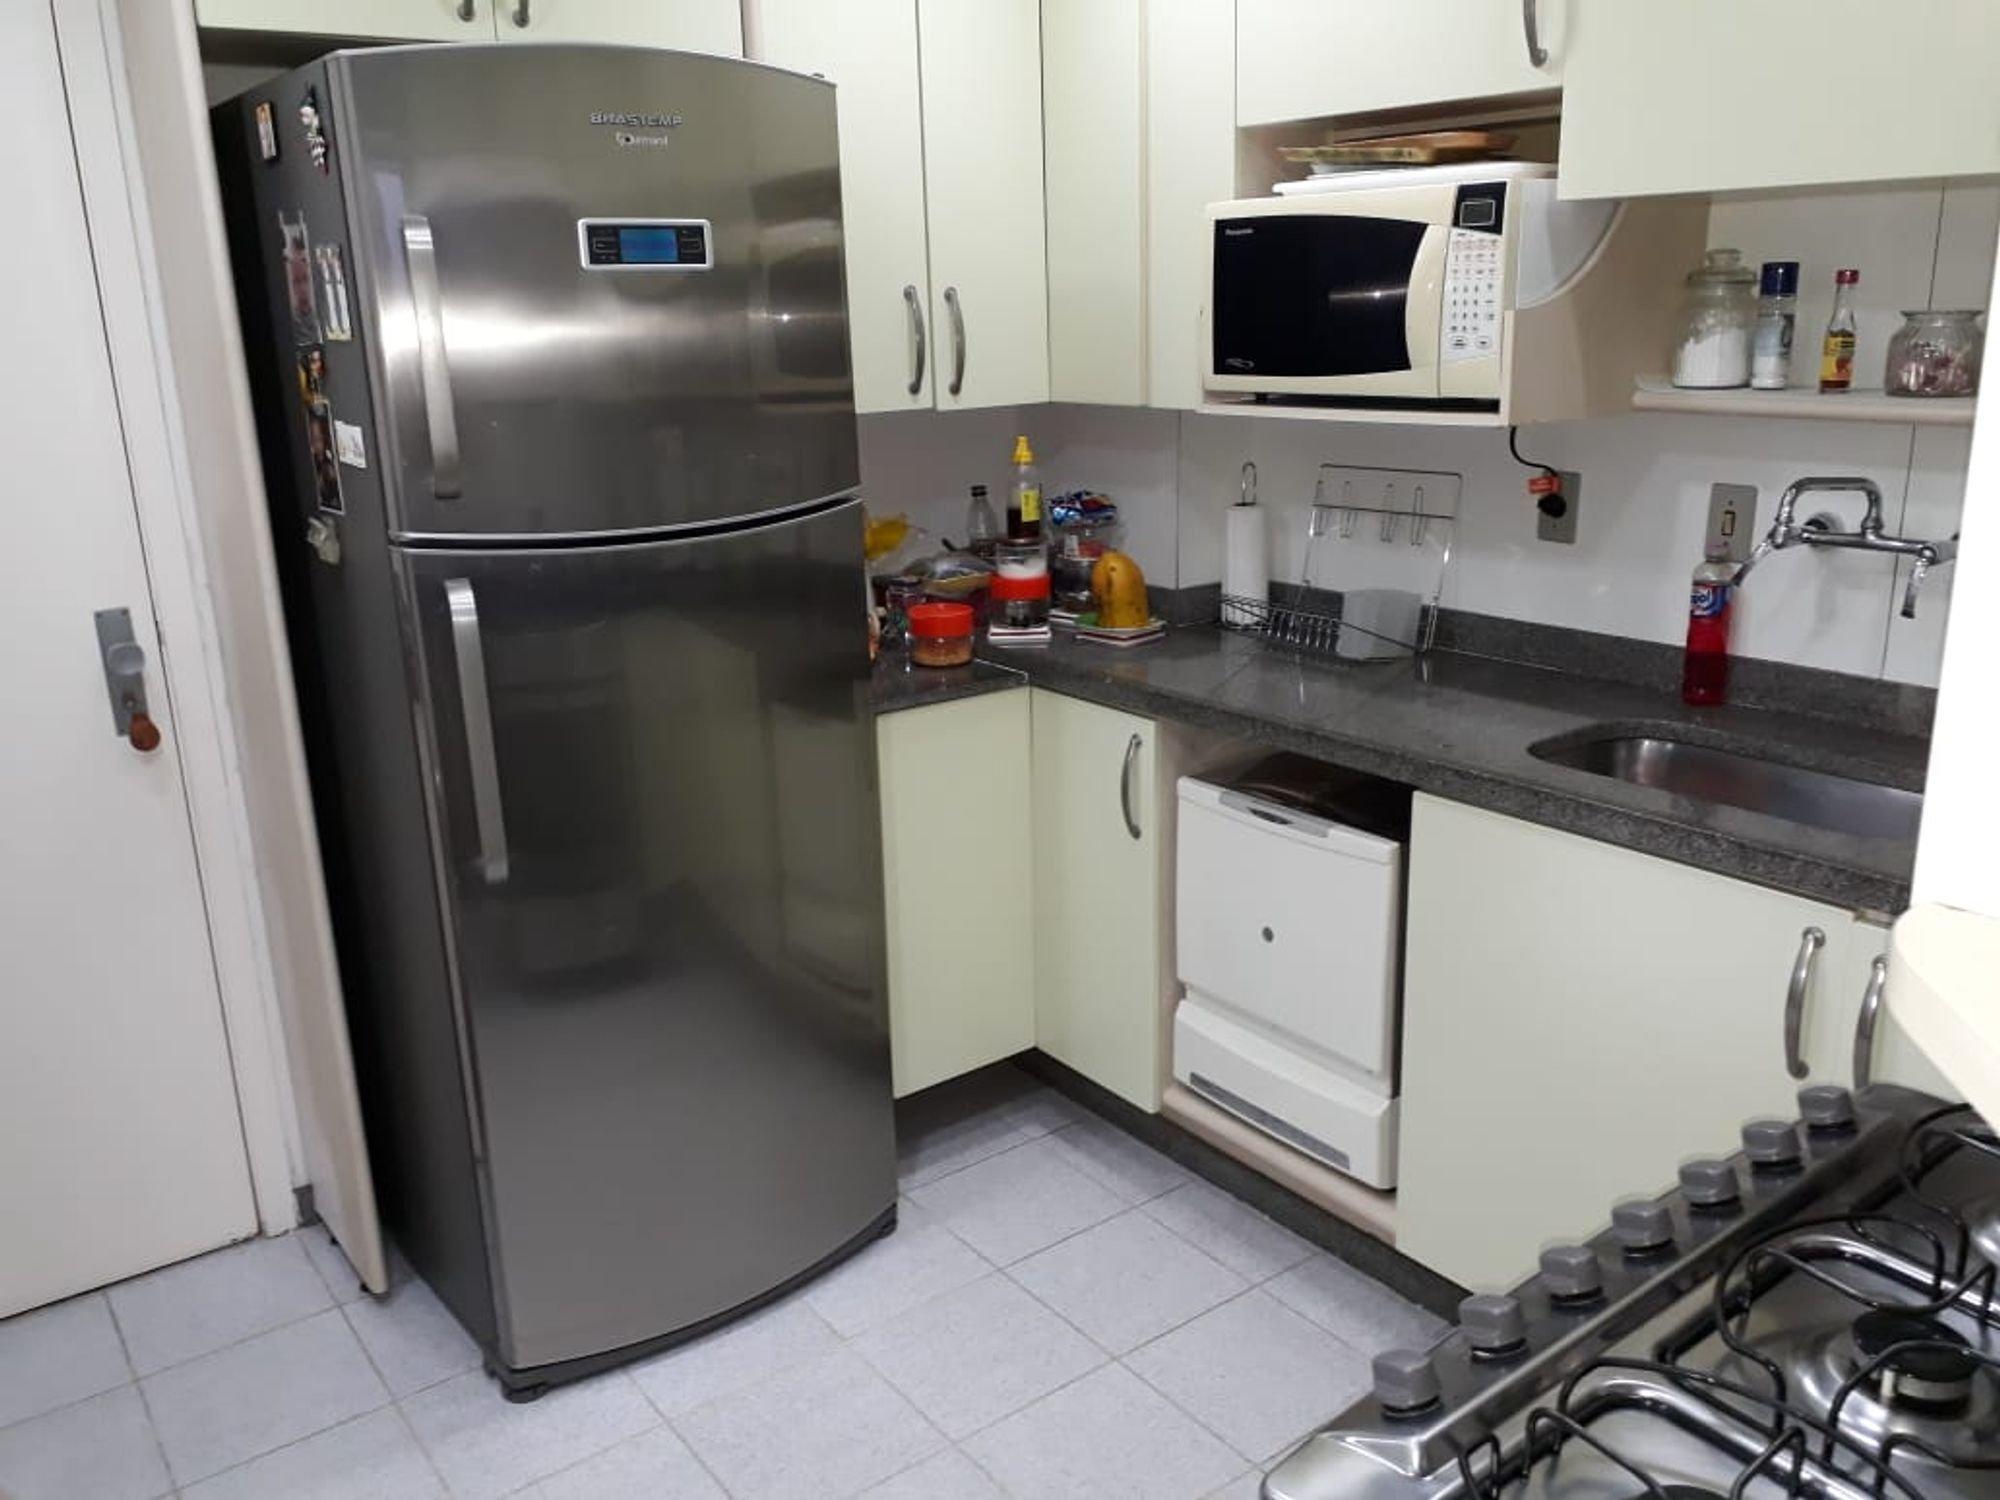 Foto de Cozinha com garrafa, forno, geladeira, pia, microondas